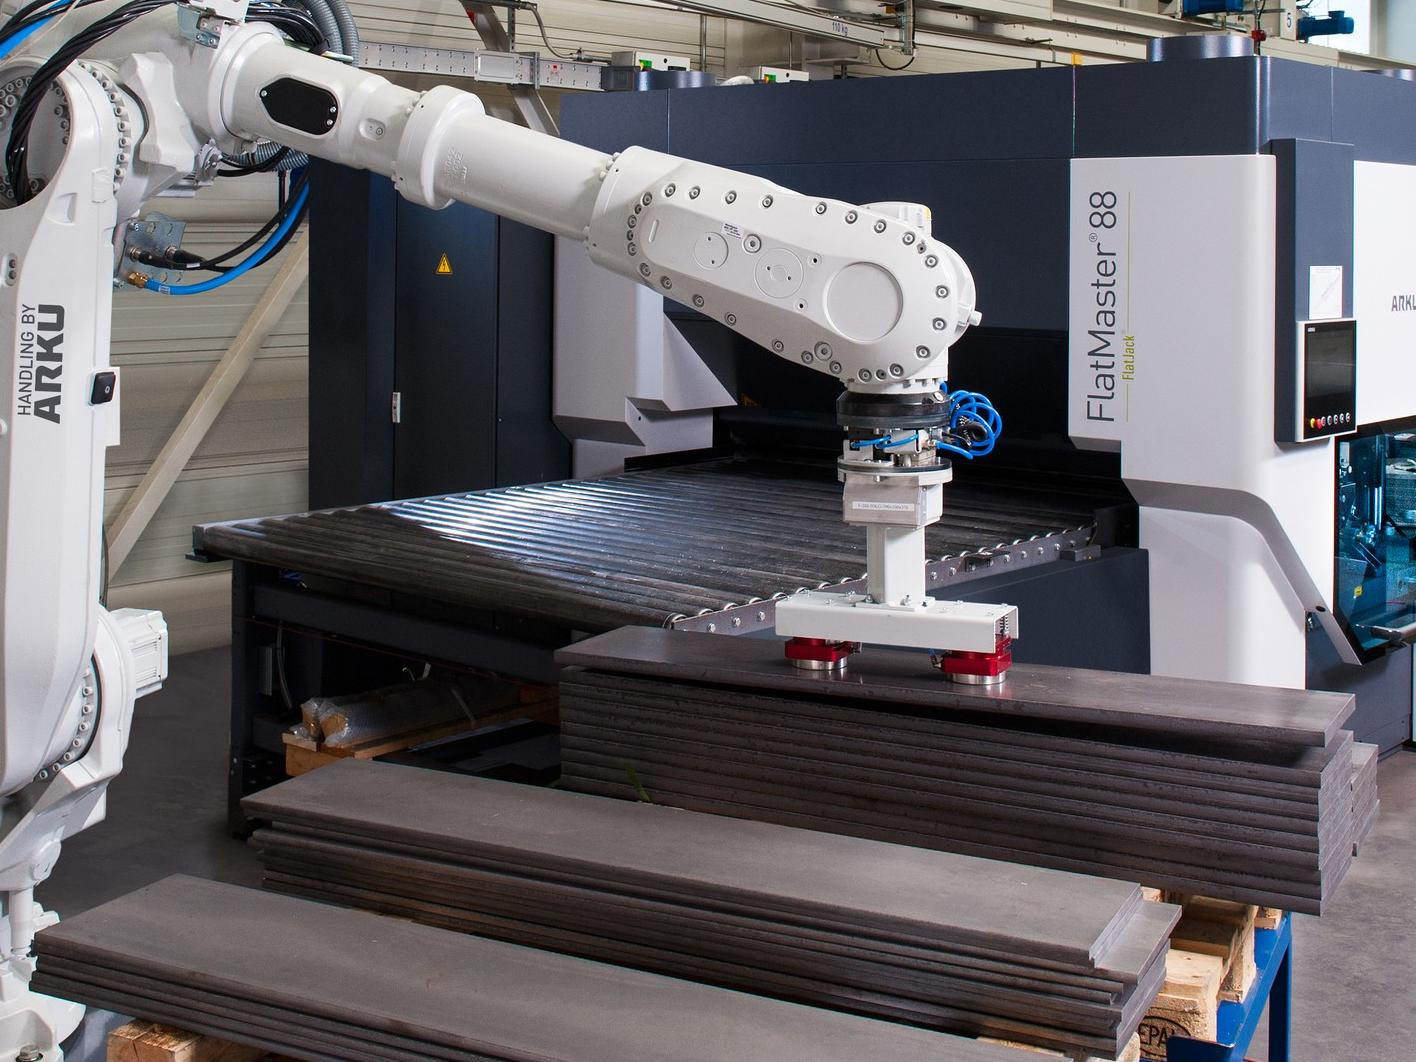 Das System aus Teilerichtmaschine FlatMaster 88 mit einem vorgeschalteten Vision-Roboter arbeitet autonom.